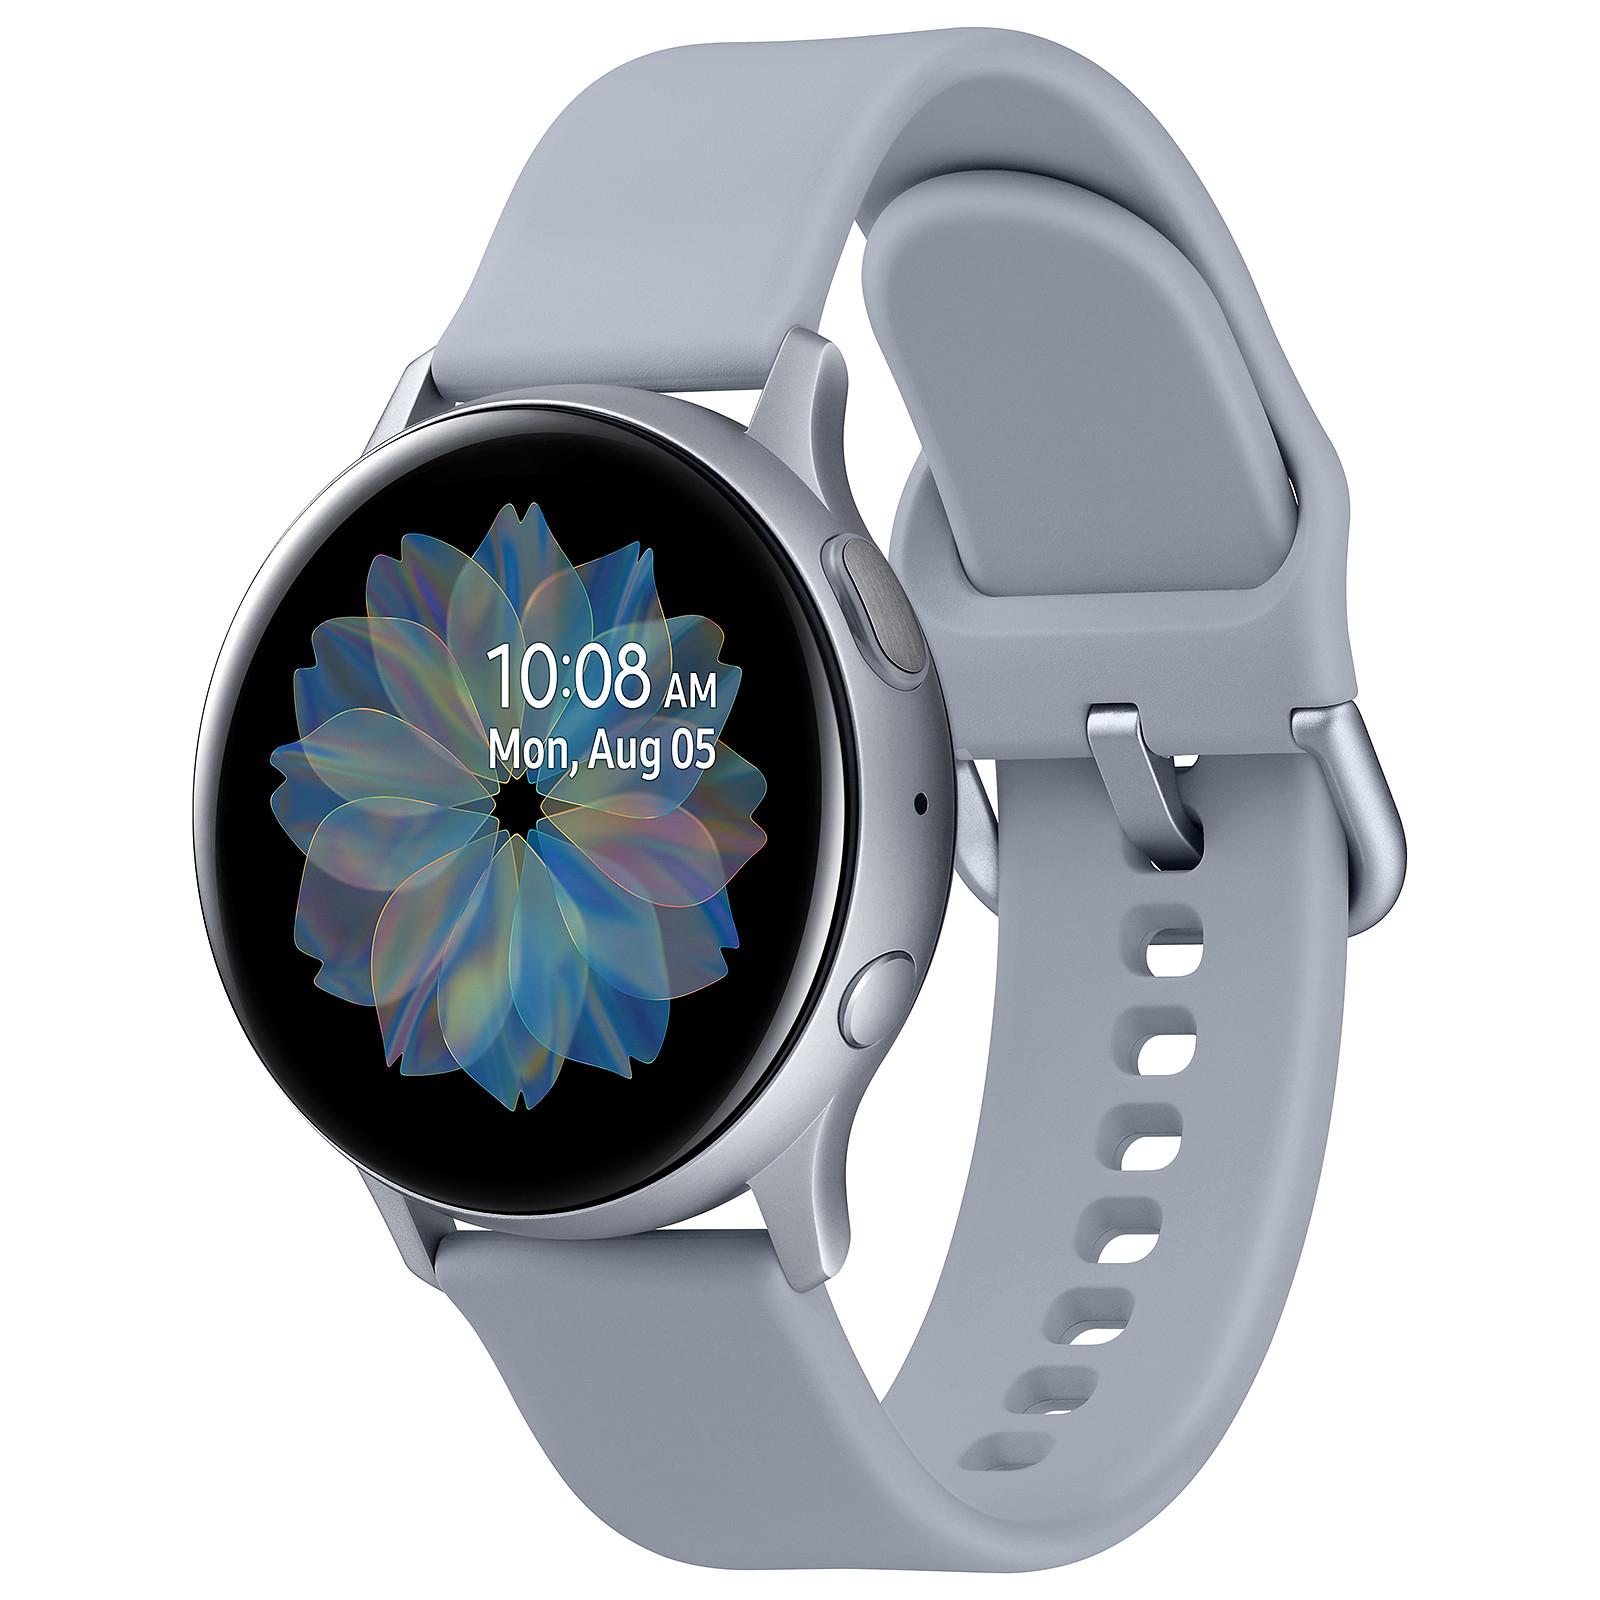 Montre connectée Samsung Galaxy Active 2 (R820) - 44 mm, Argent